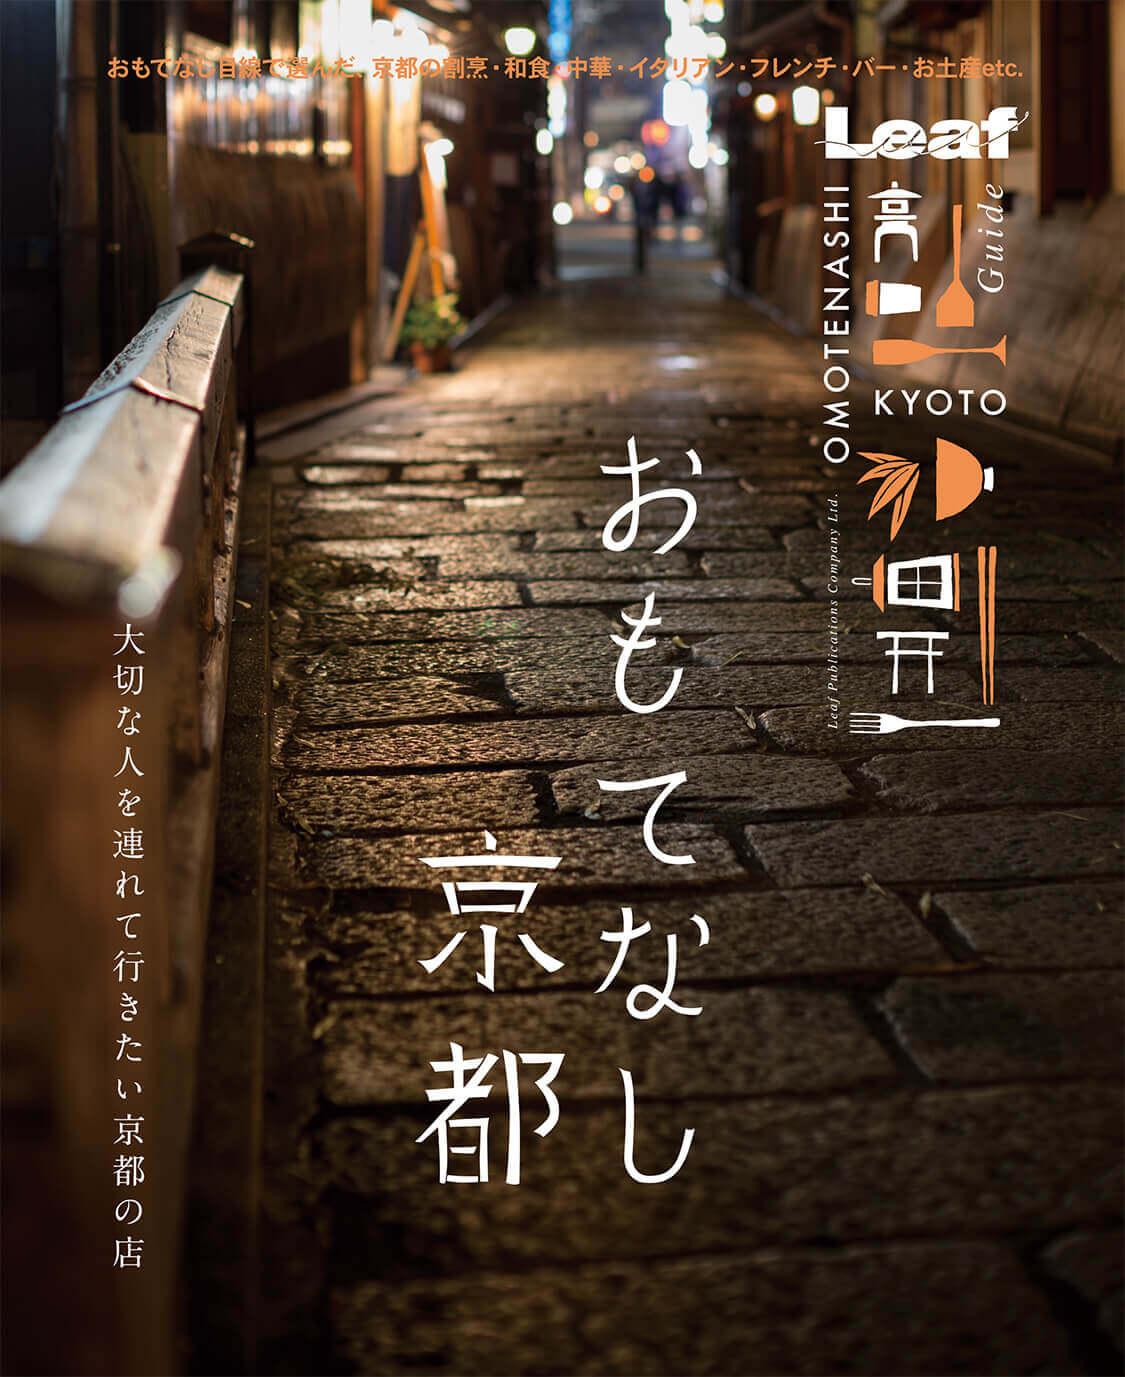 LeafMOOK - 【書籍】おもてなし 京都